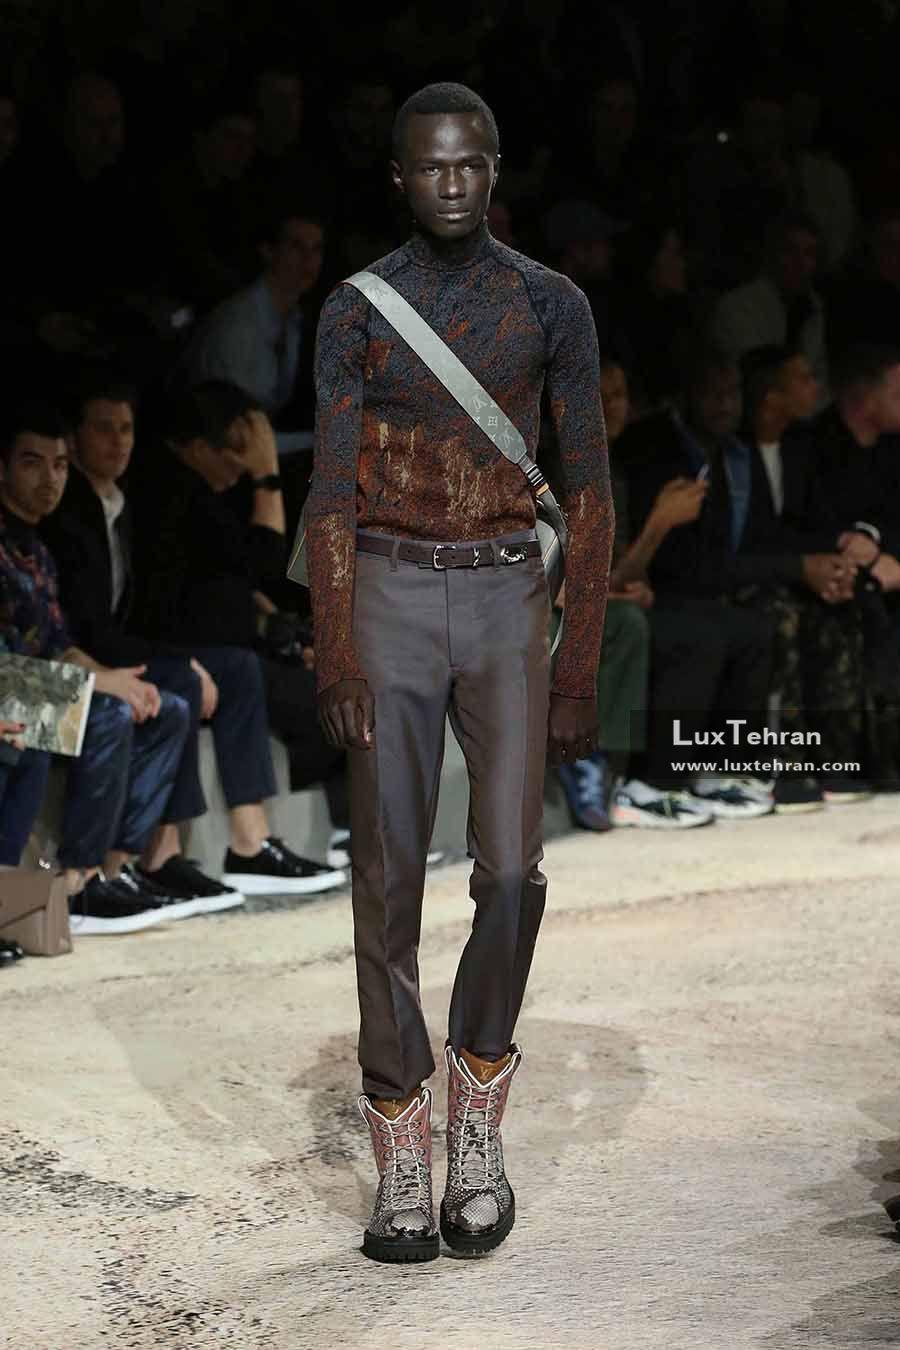 کفش ساق بلند چرمی لویی ویتون مردانه